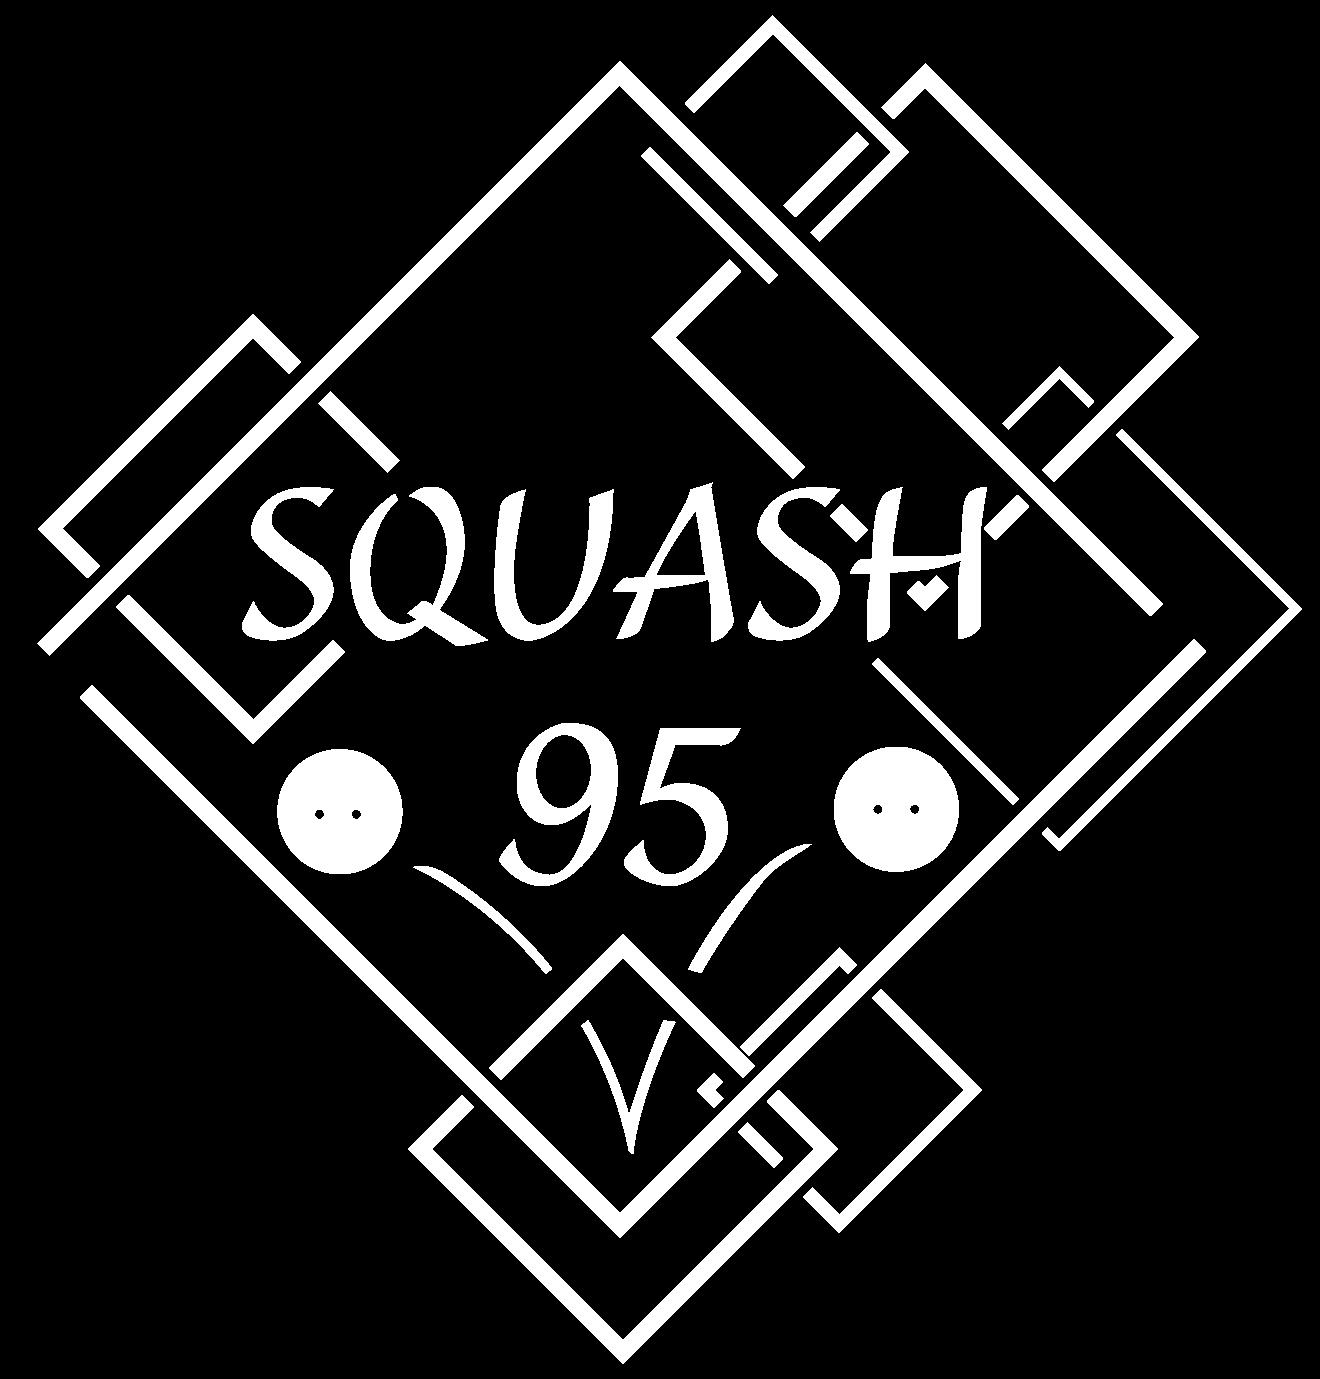 Squash 95